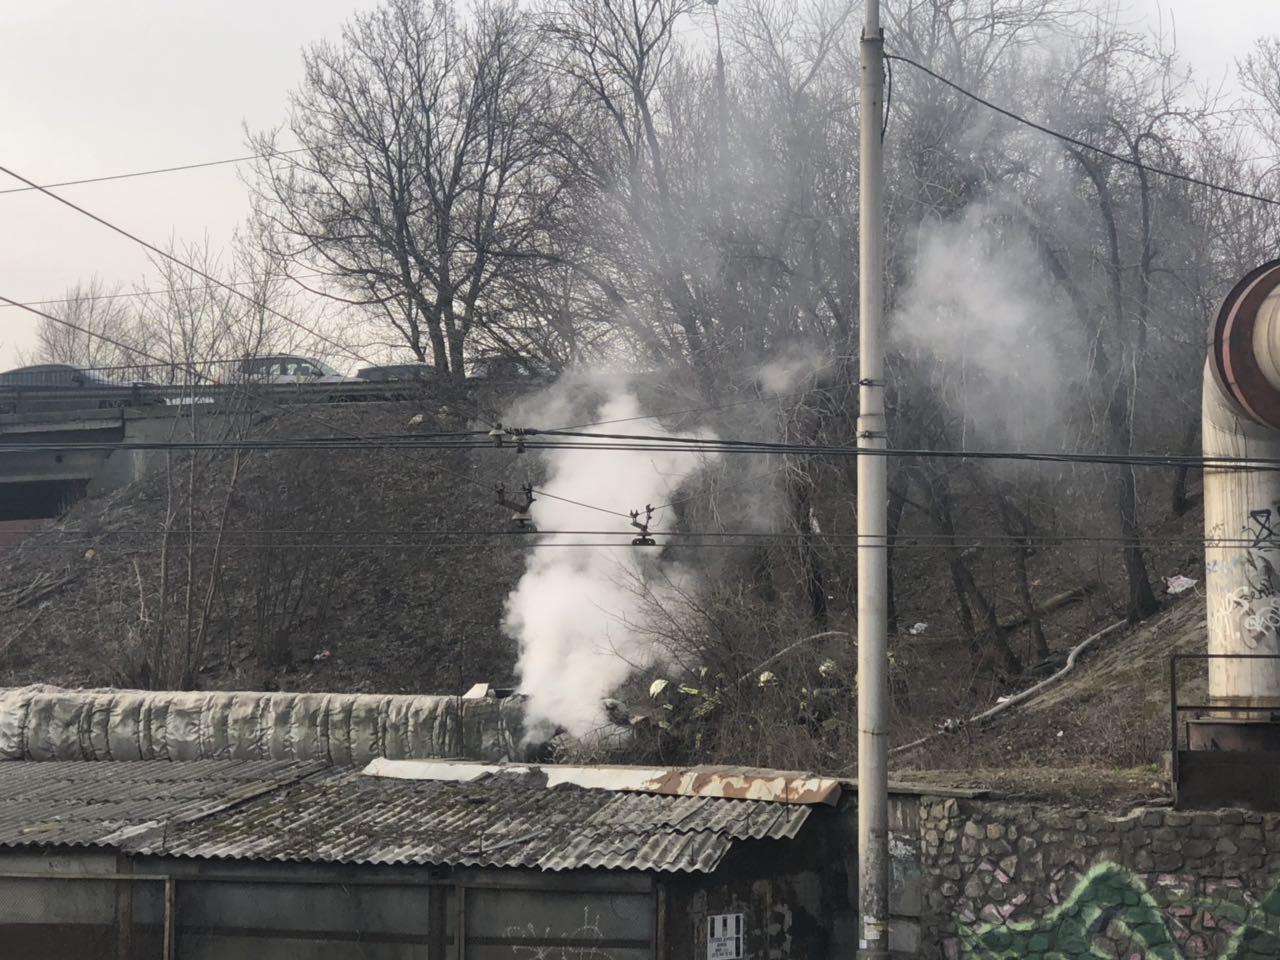 Пожар под Воздухофлотским мостом в Киеве - бомжи чуть не повредили теплотрассу